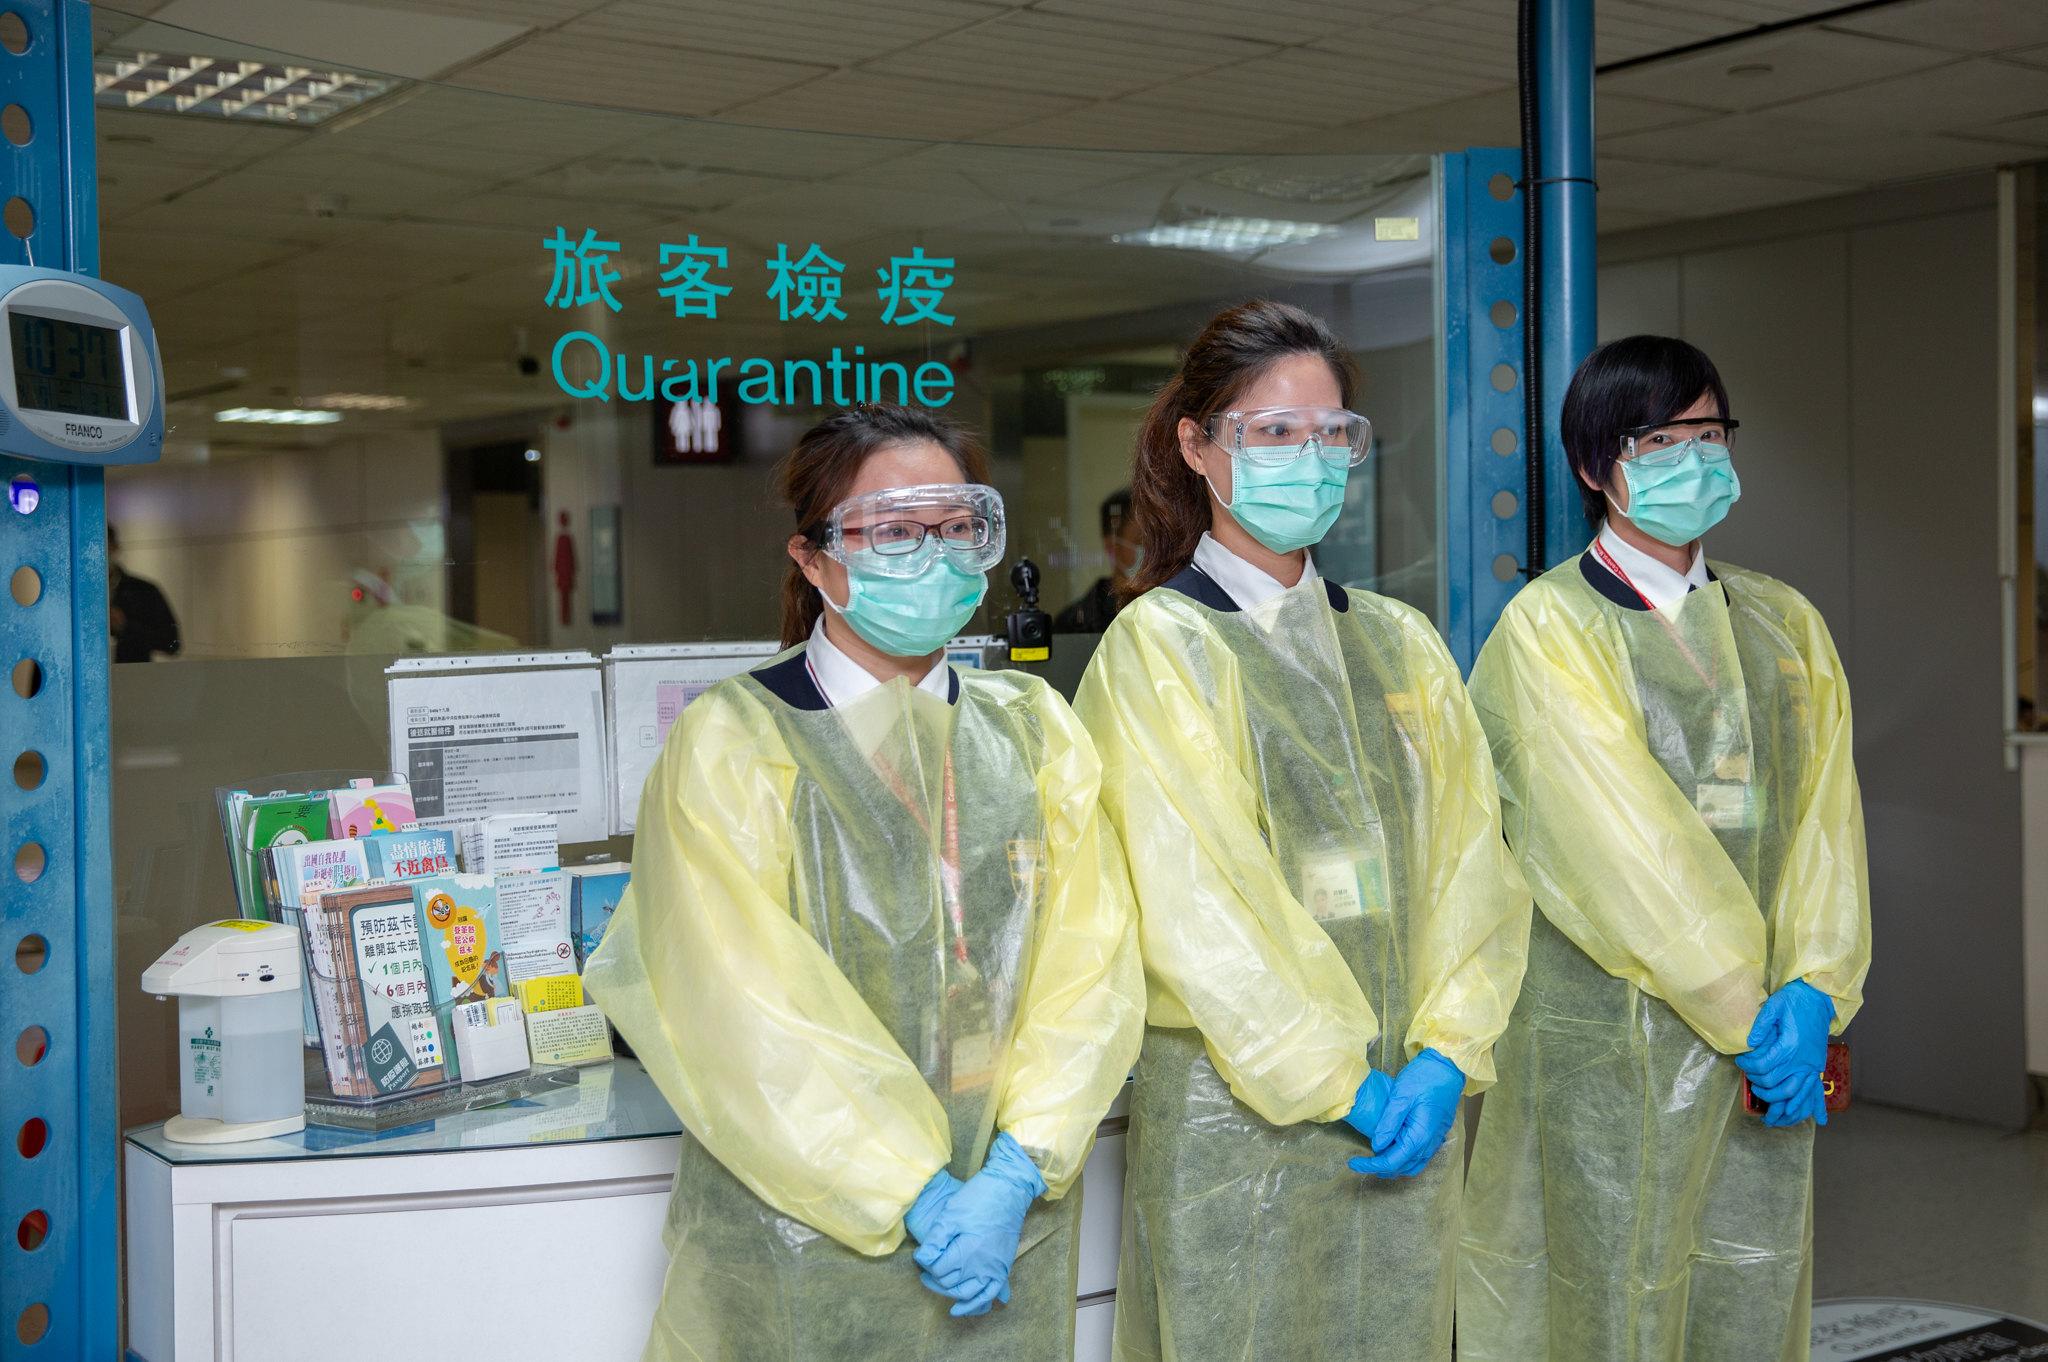 7 avril 2020, médecins chercheurs à Taiwan, durant la crise du Covid-19